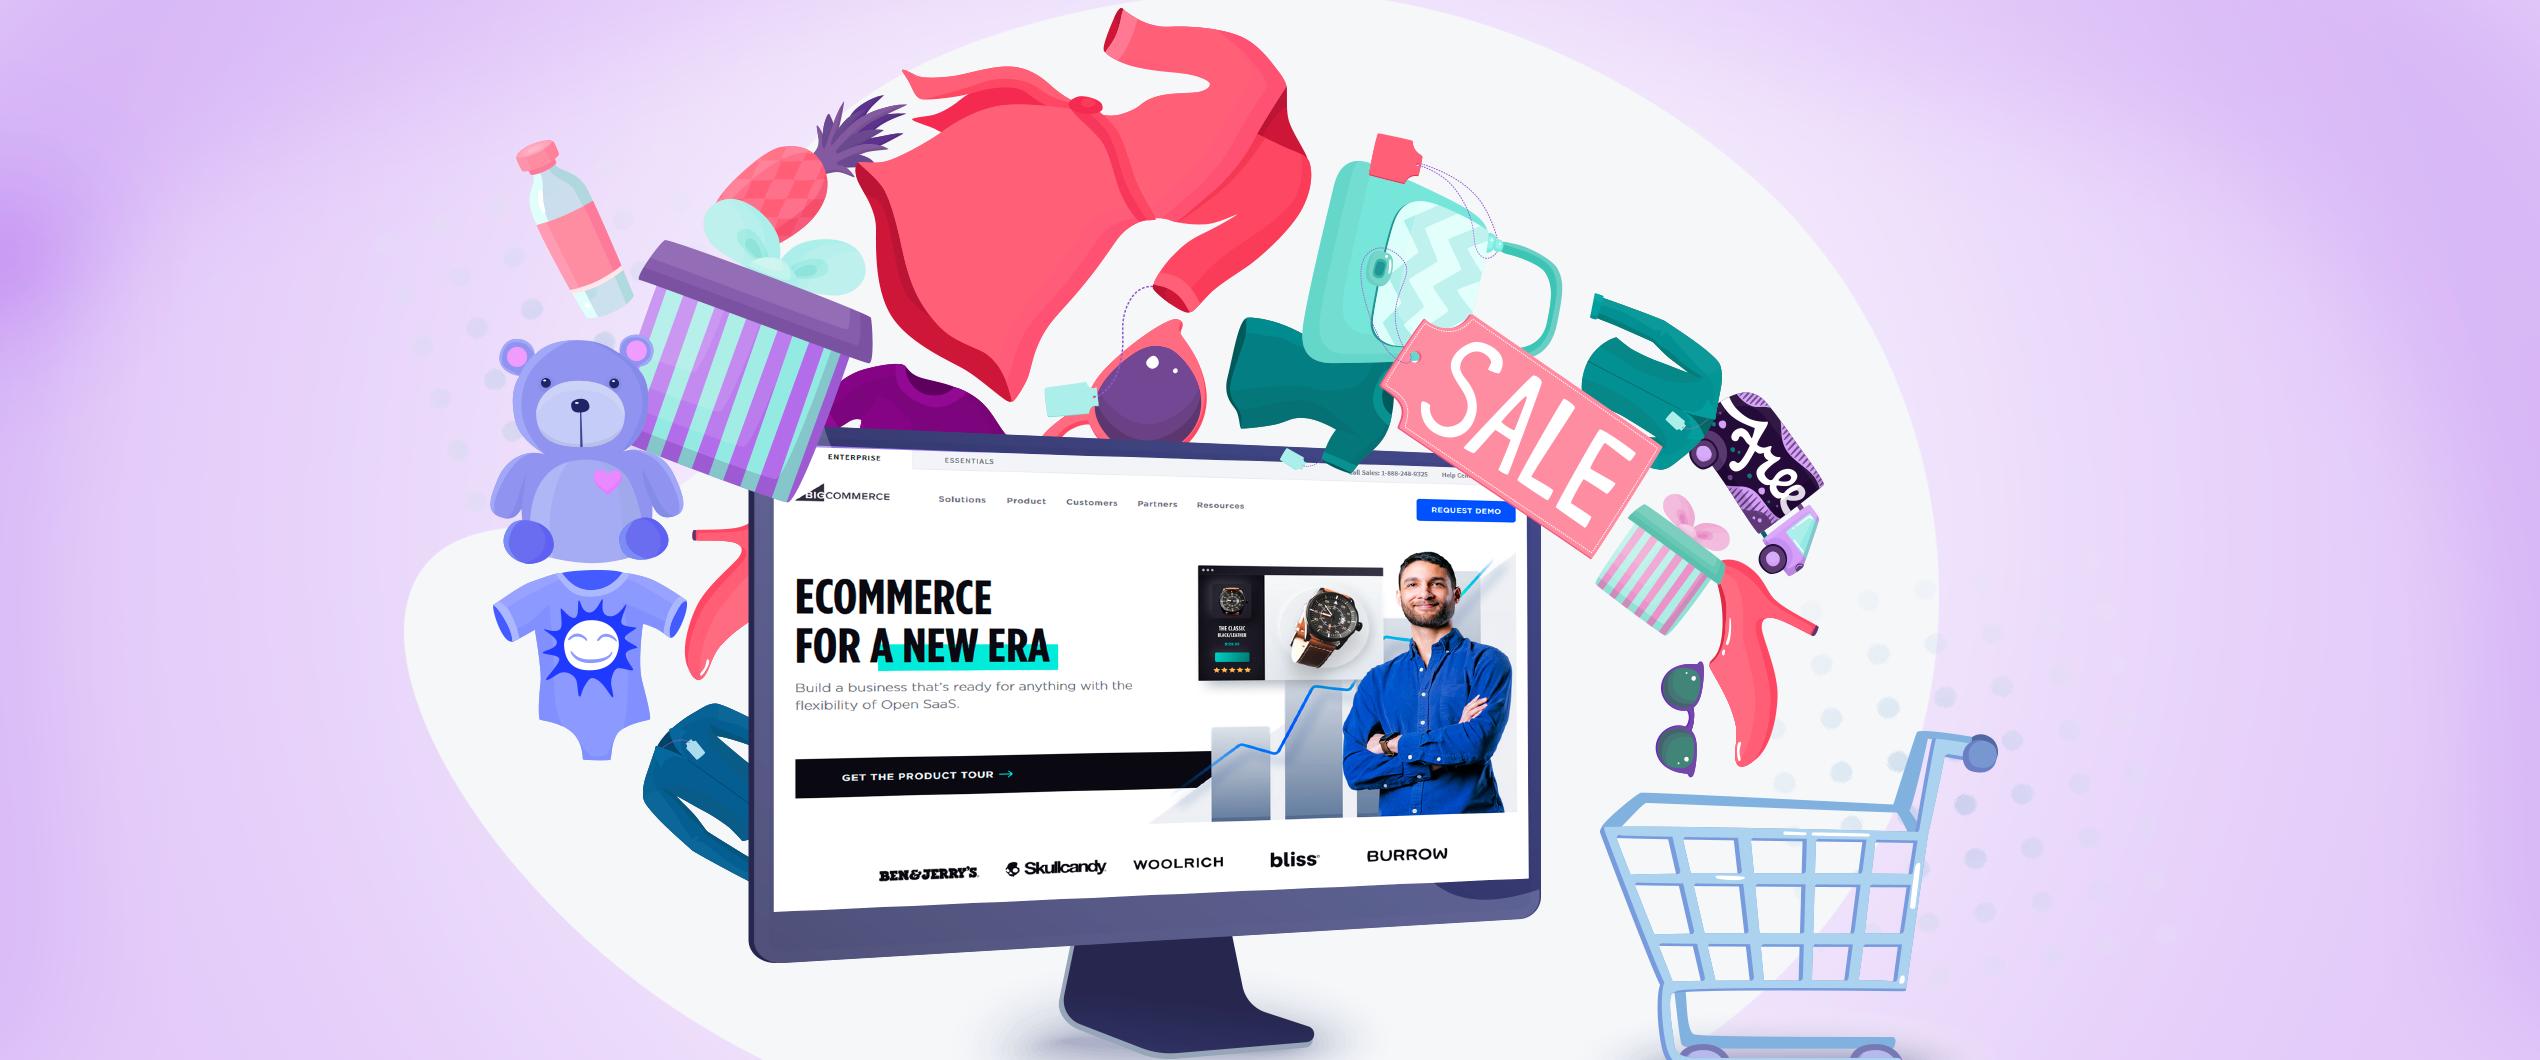 Advantages of BigCommerce B2B eCommerce Platform